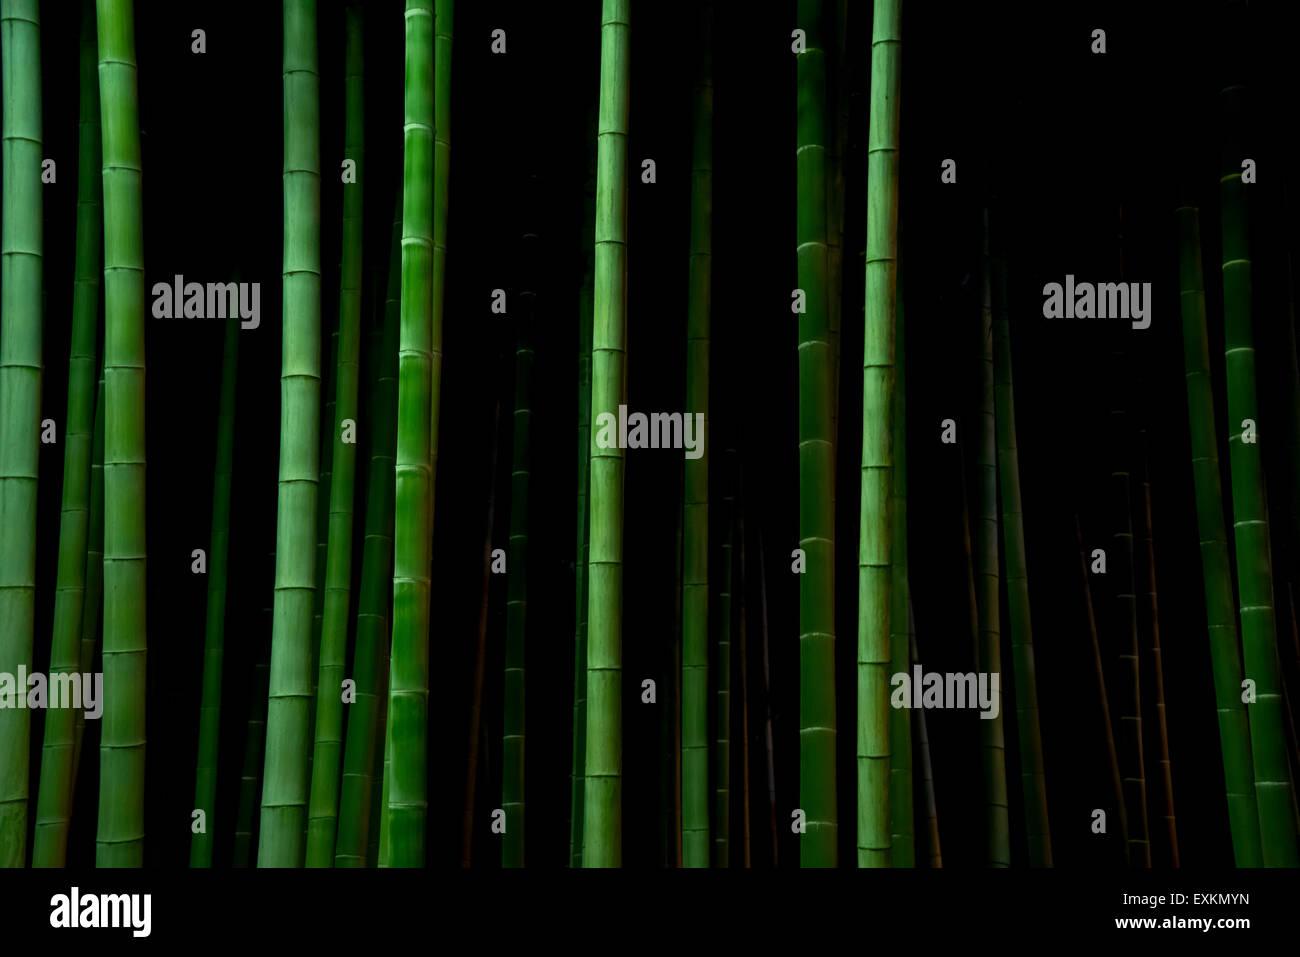 Los árboles de bambú en la noche, Tokio, Japón Imagen De Stock